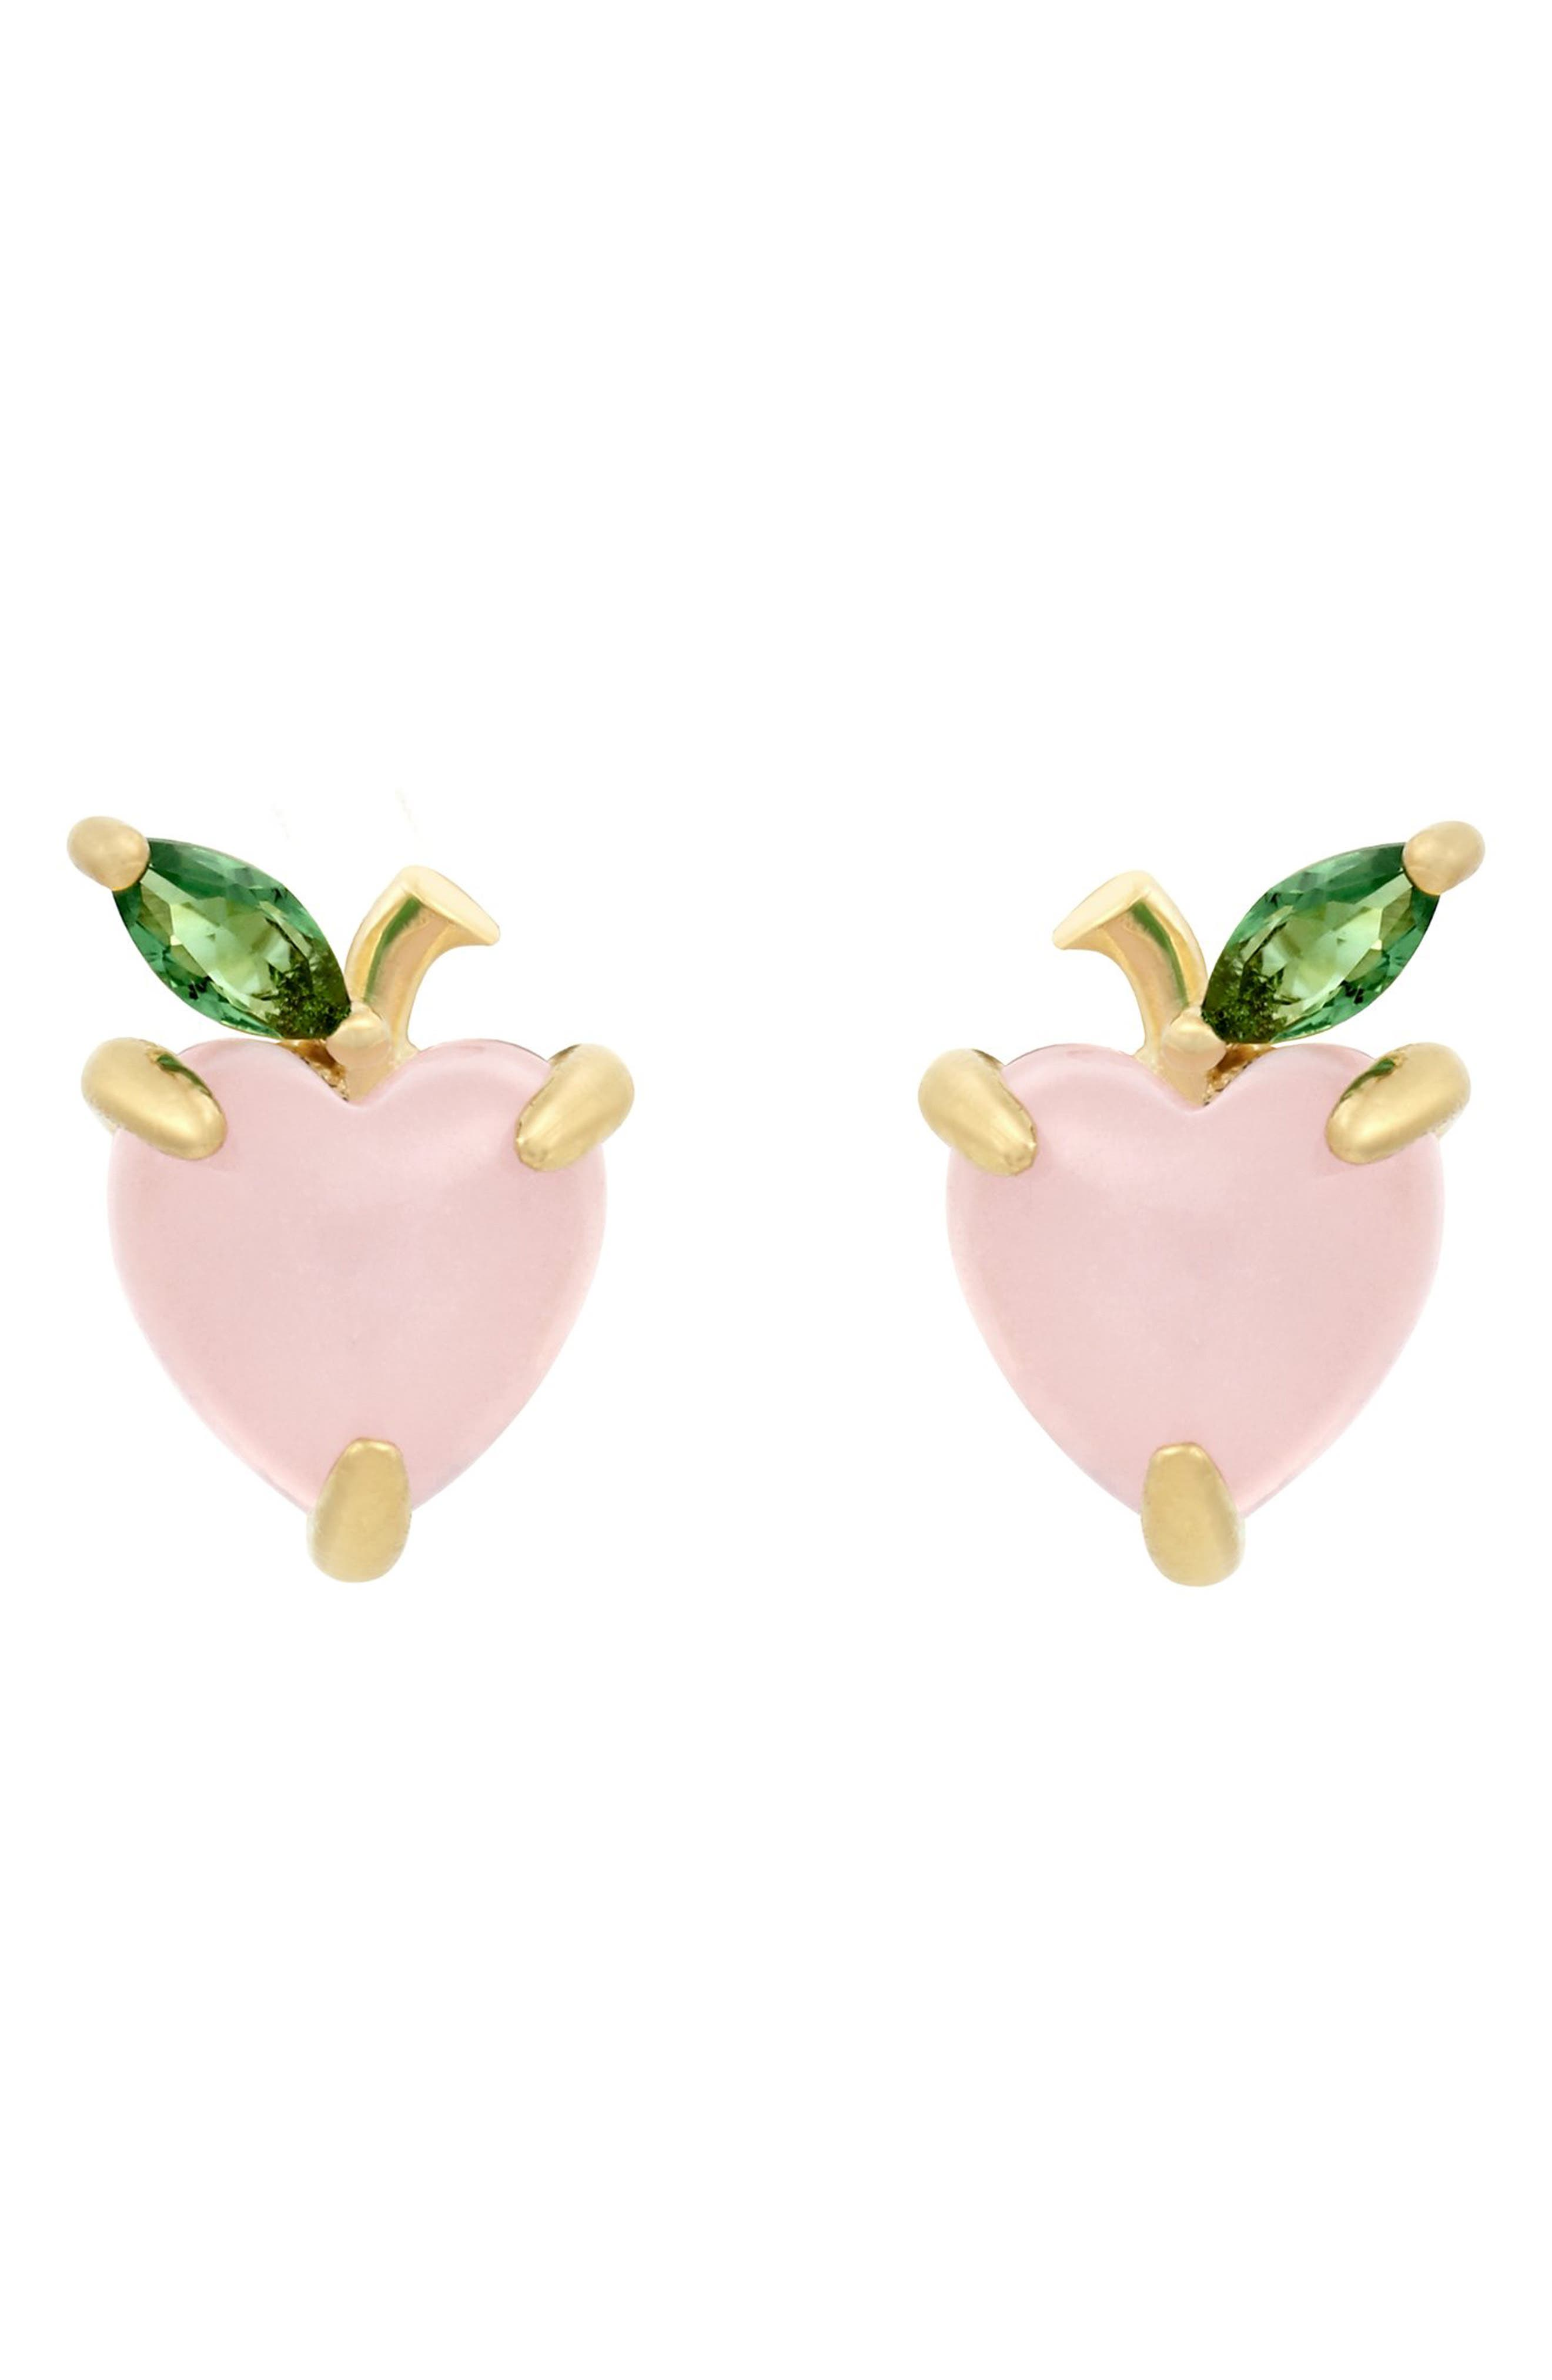 Women's Girls Club Peach Stud Earrings